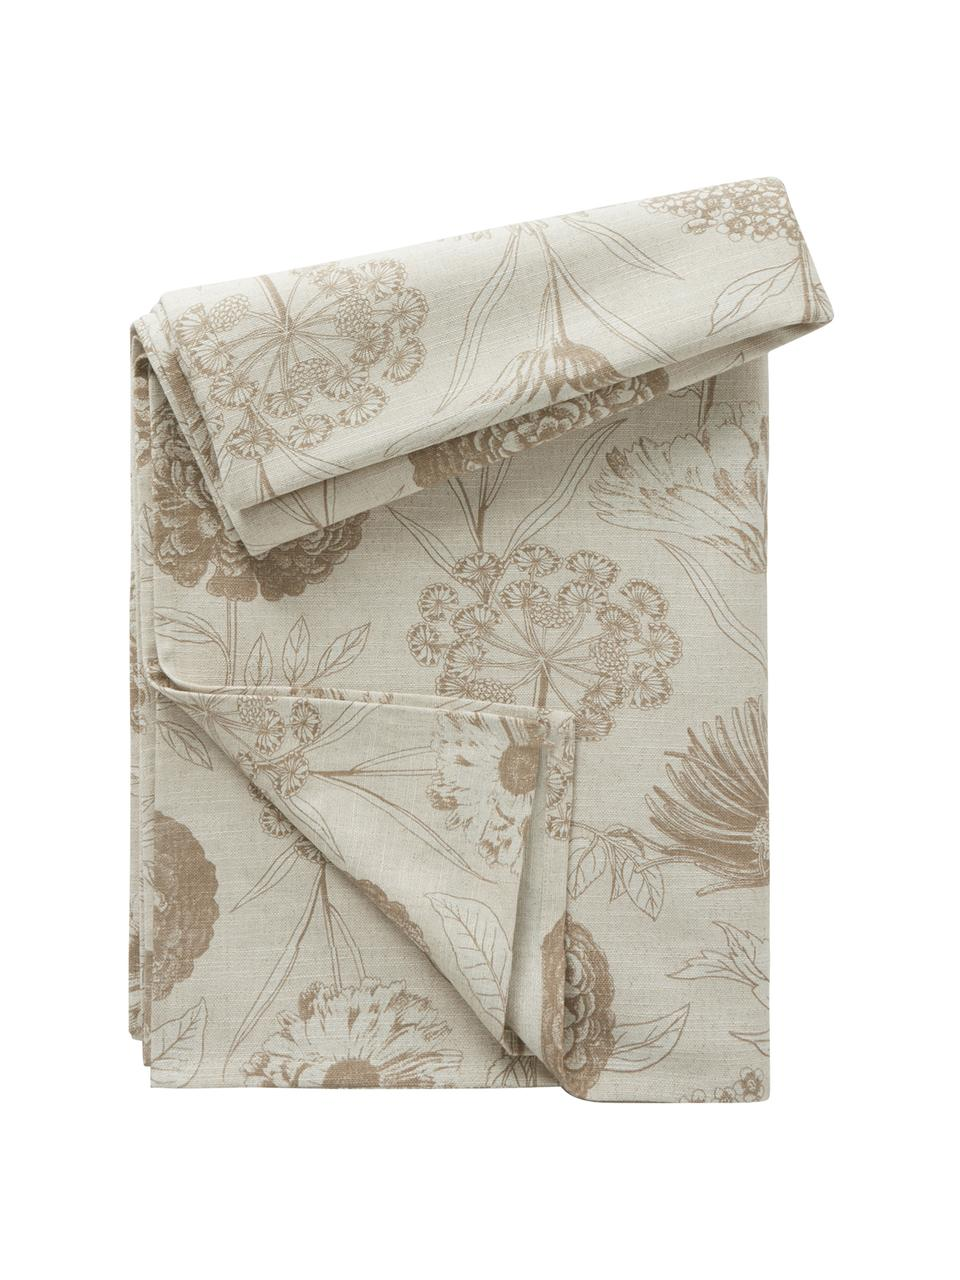 Tovaglia con motivo floreale Freya, 86% cotone, 14% lino, Beige, marrone, Per 4-6 persone (Larg.145 x Lung. 200 cm)